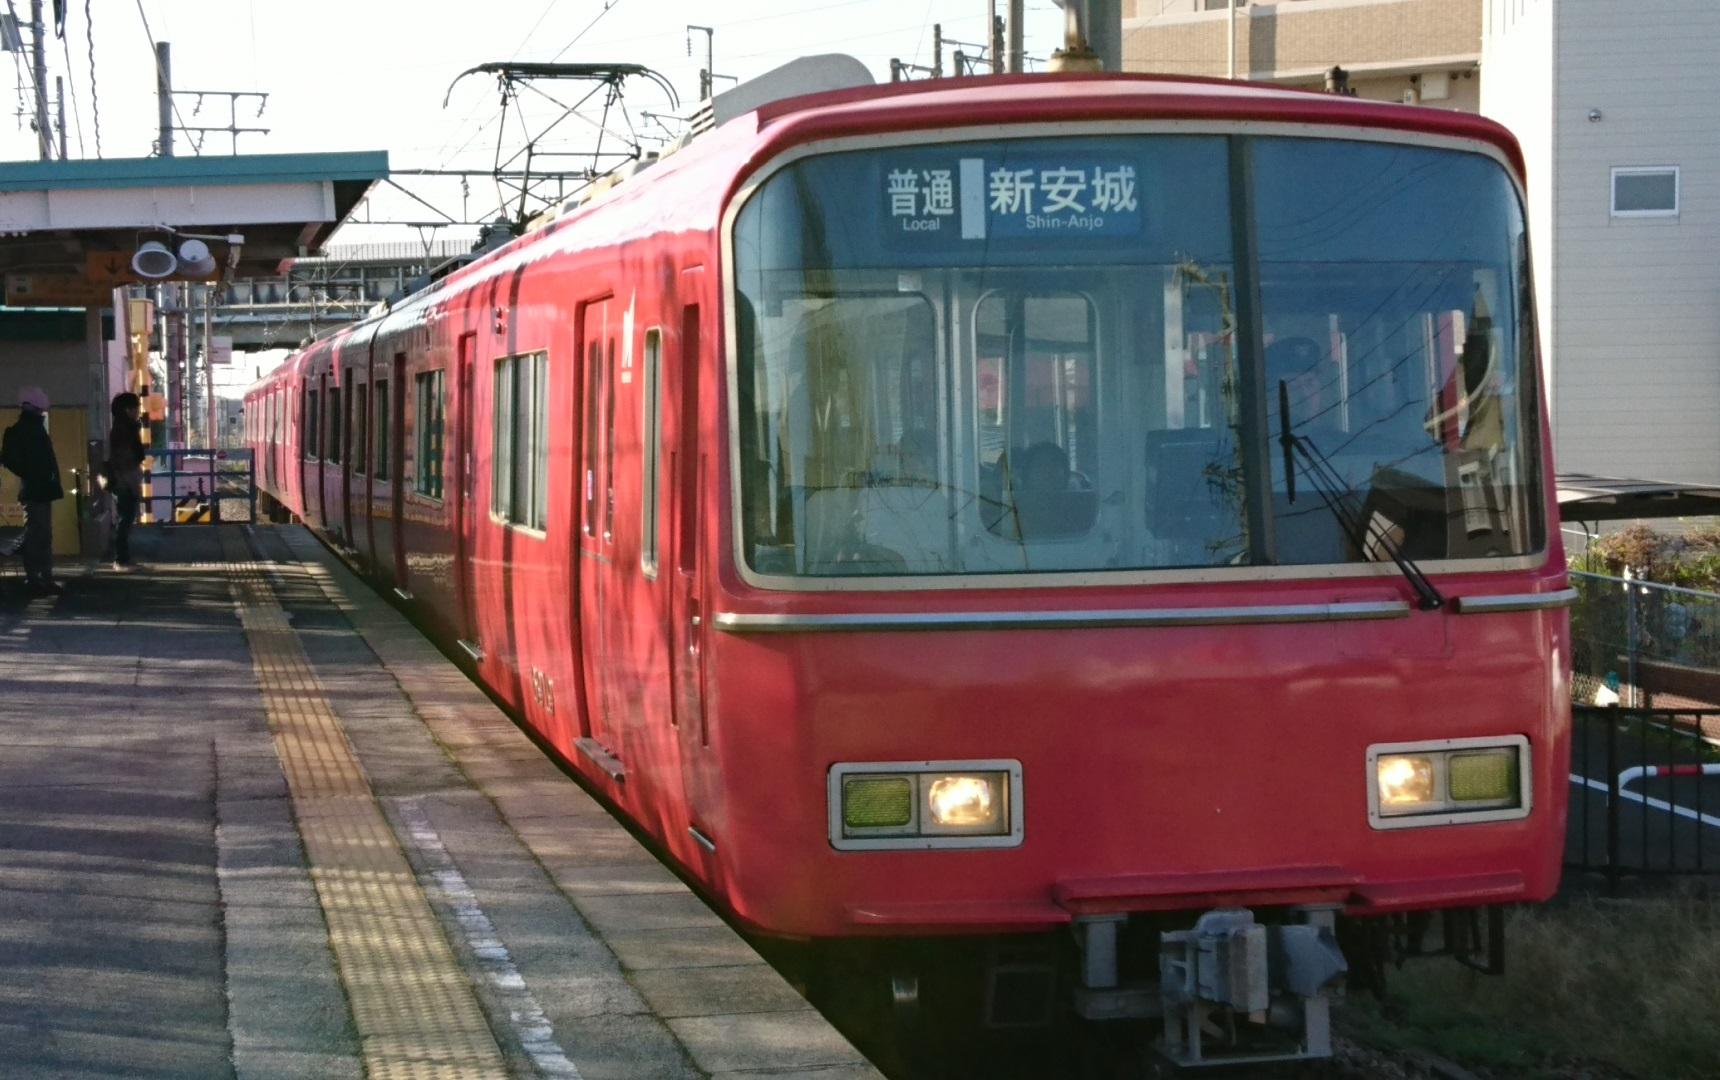 2016.11.12 名鉄 (6) 古井 - しんあんじょういきふつう 1720-1080